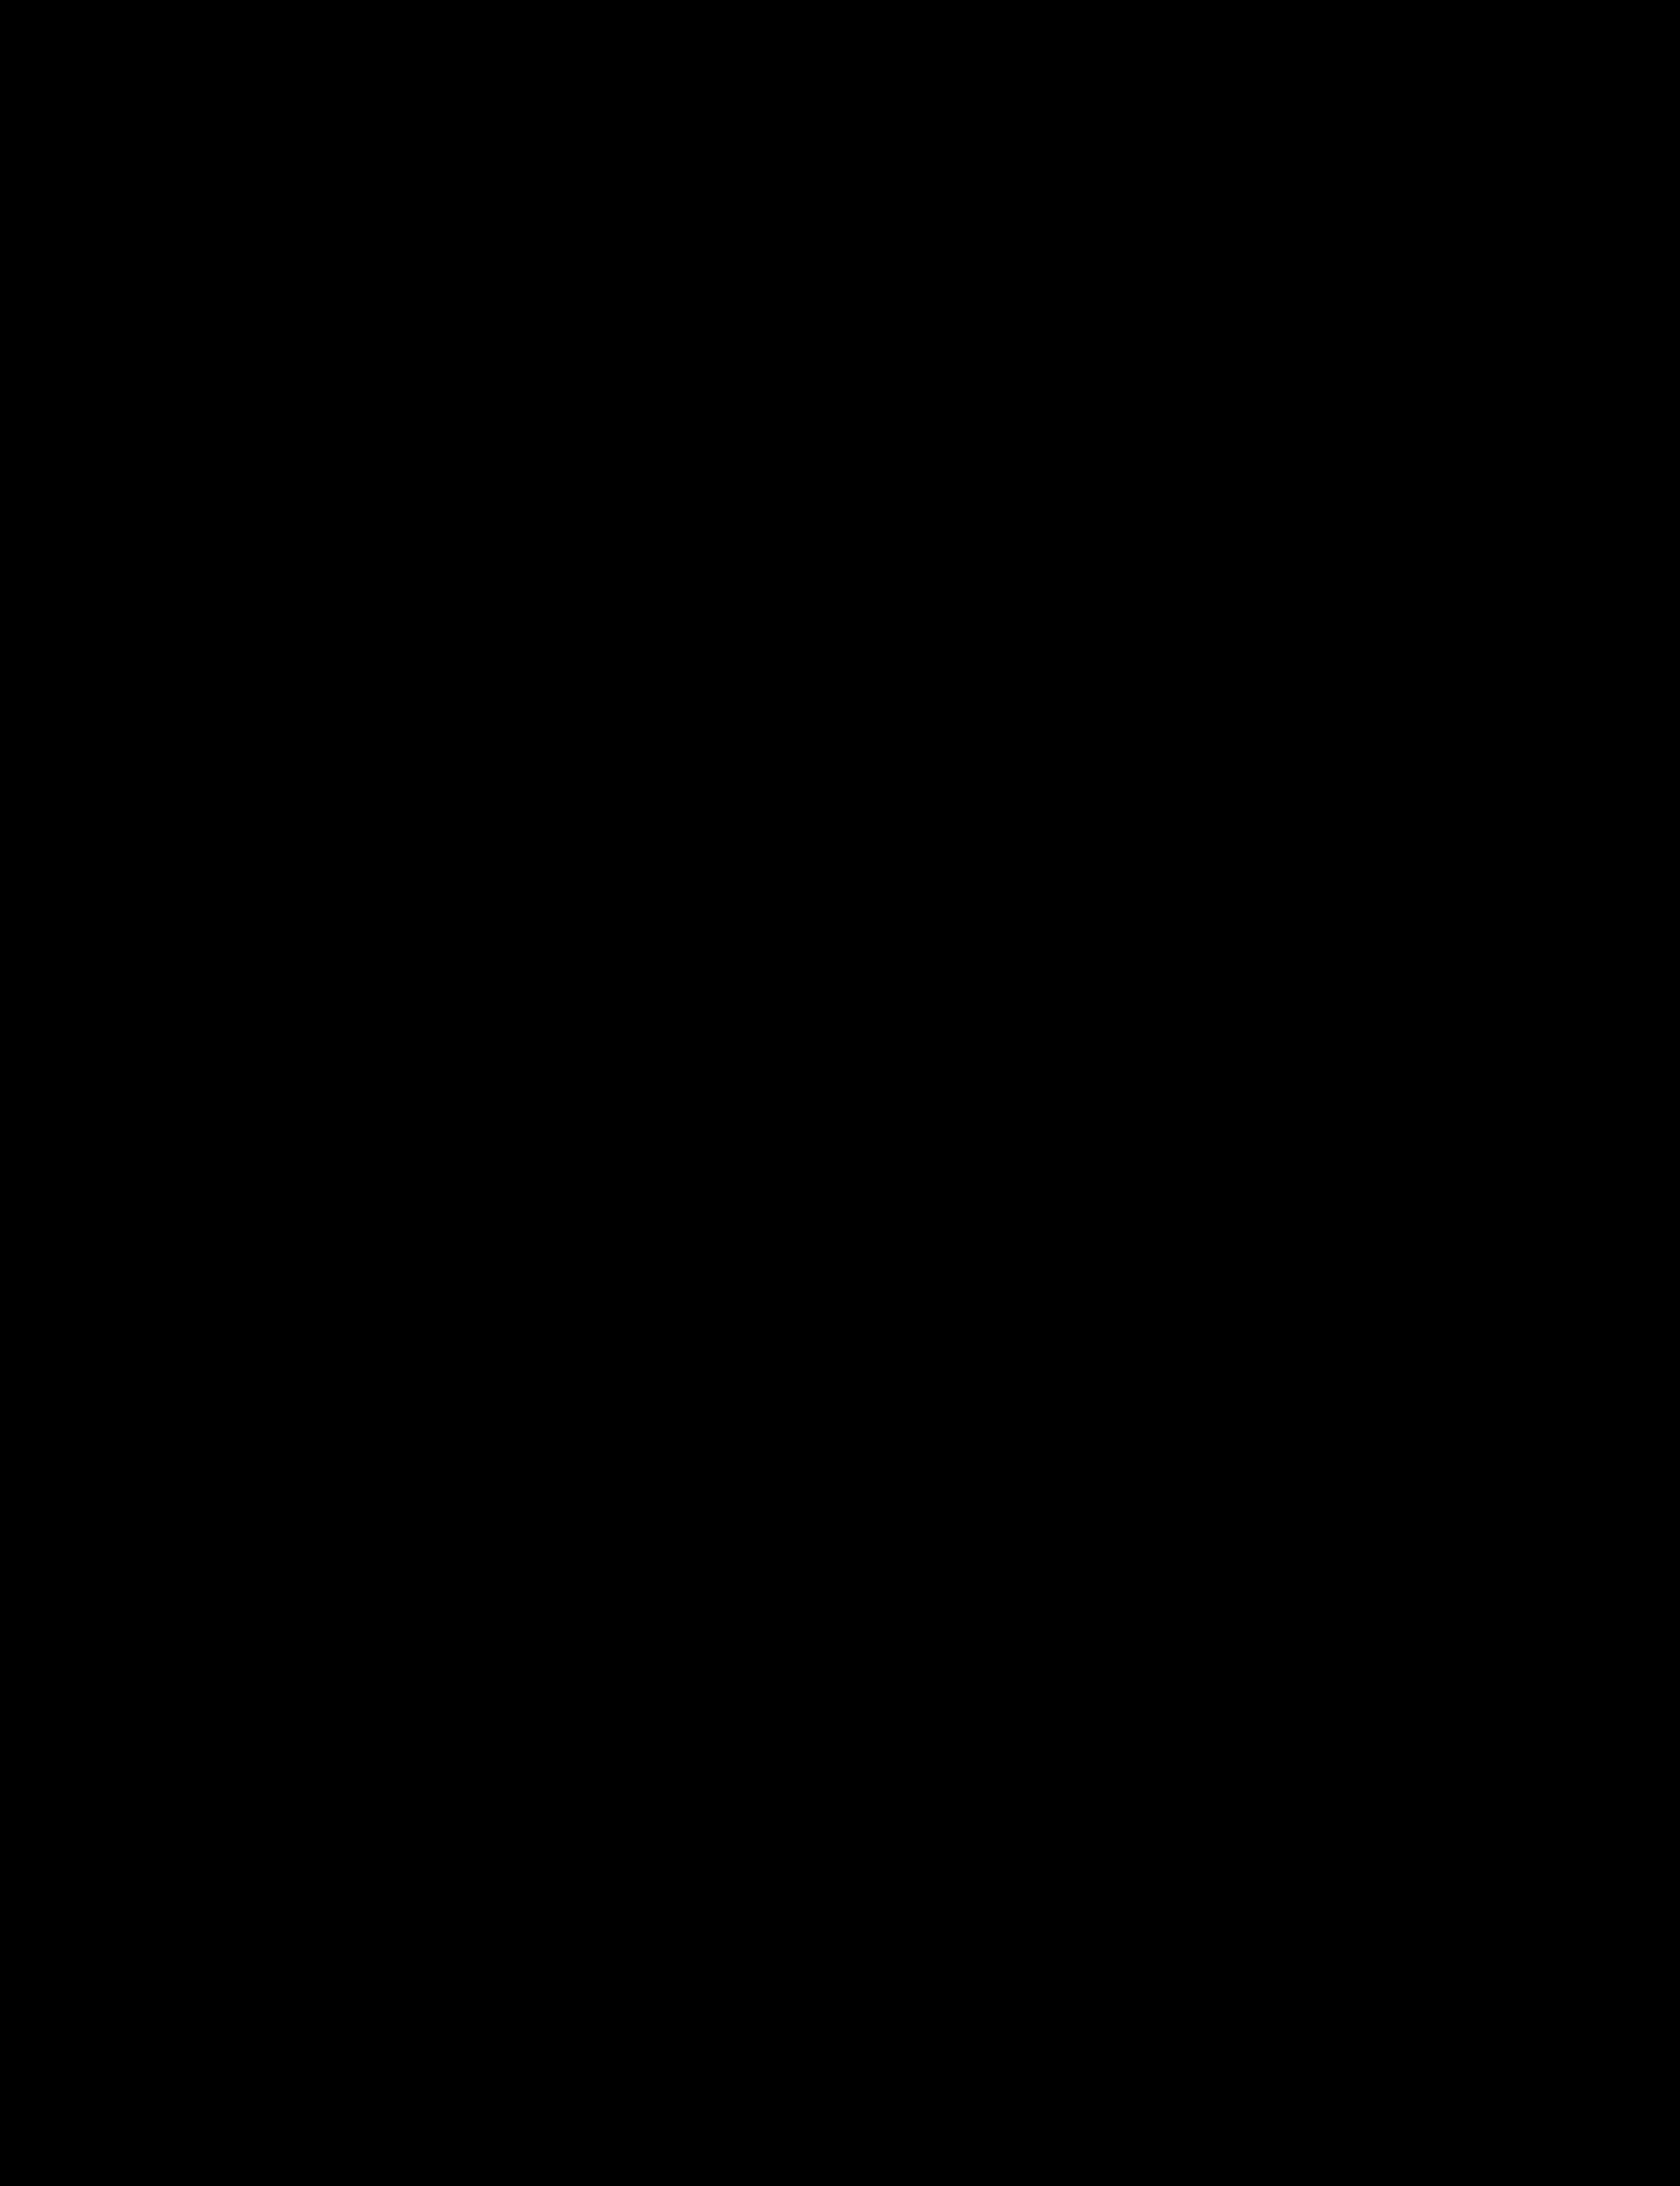 Buznats October 9th 2021